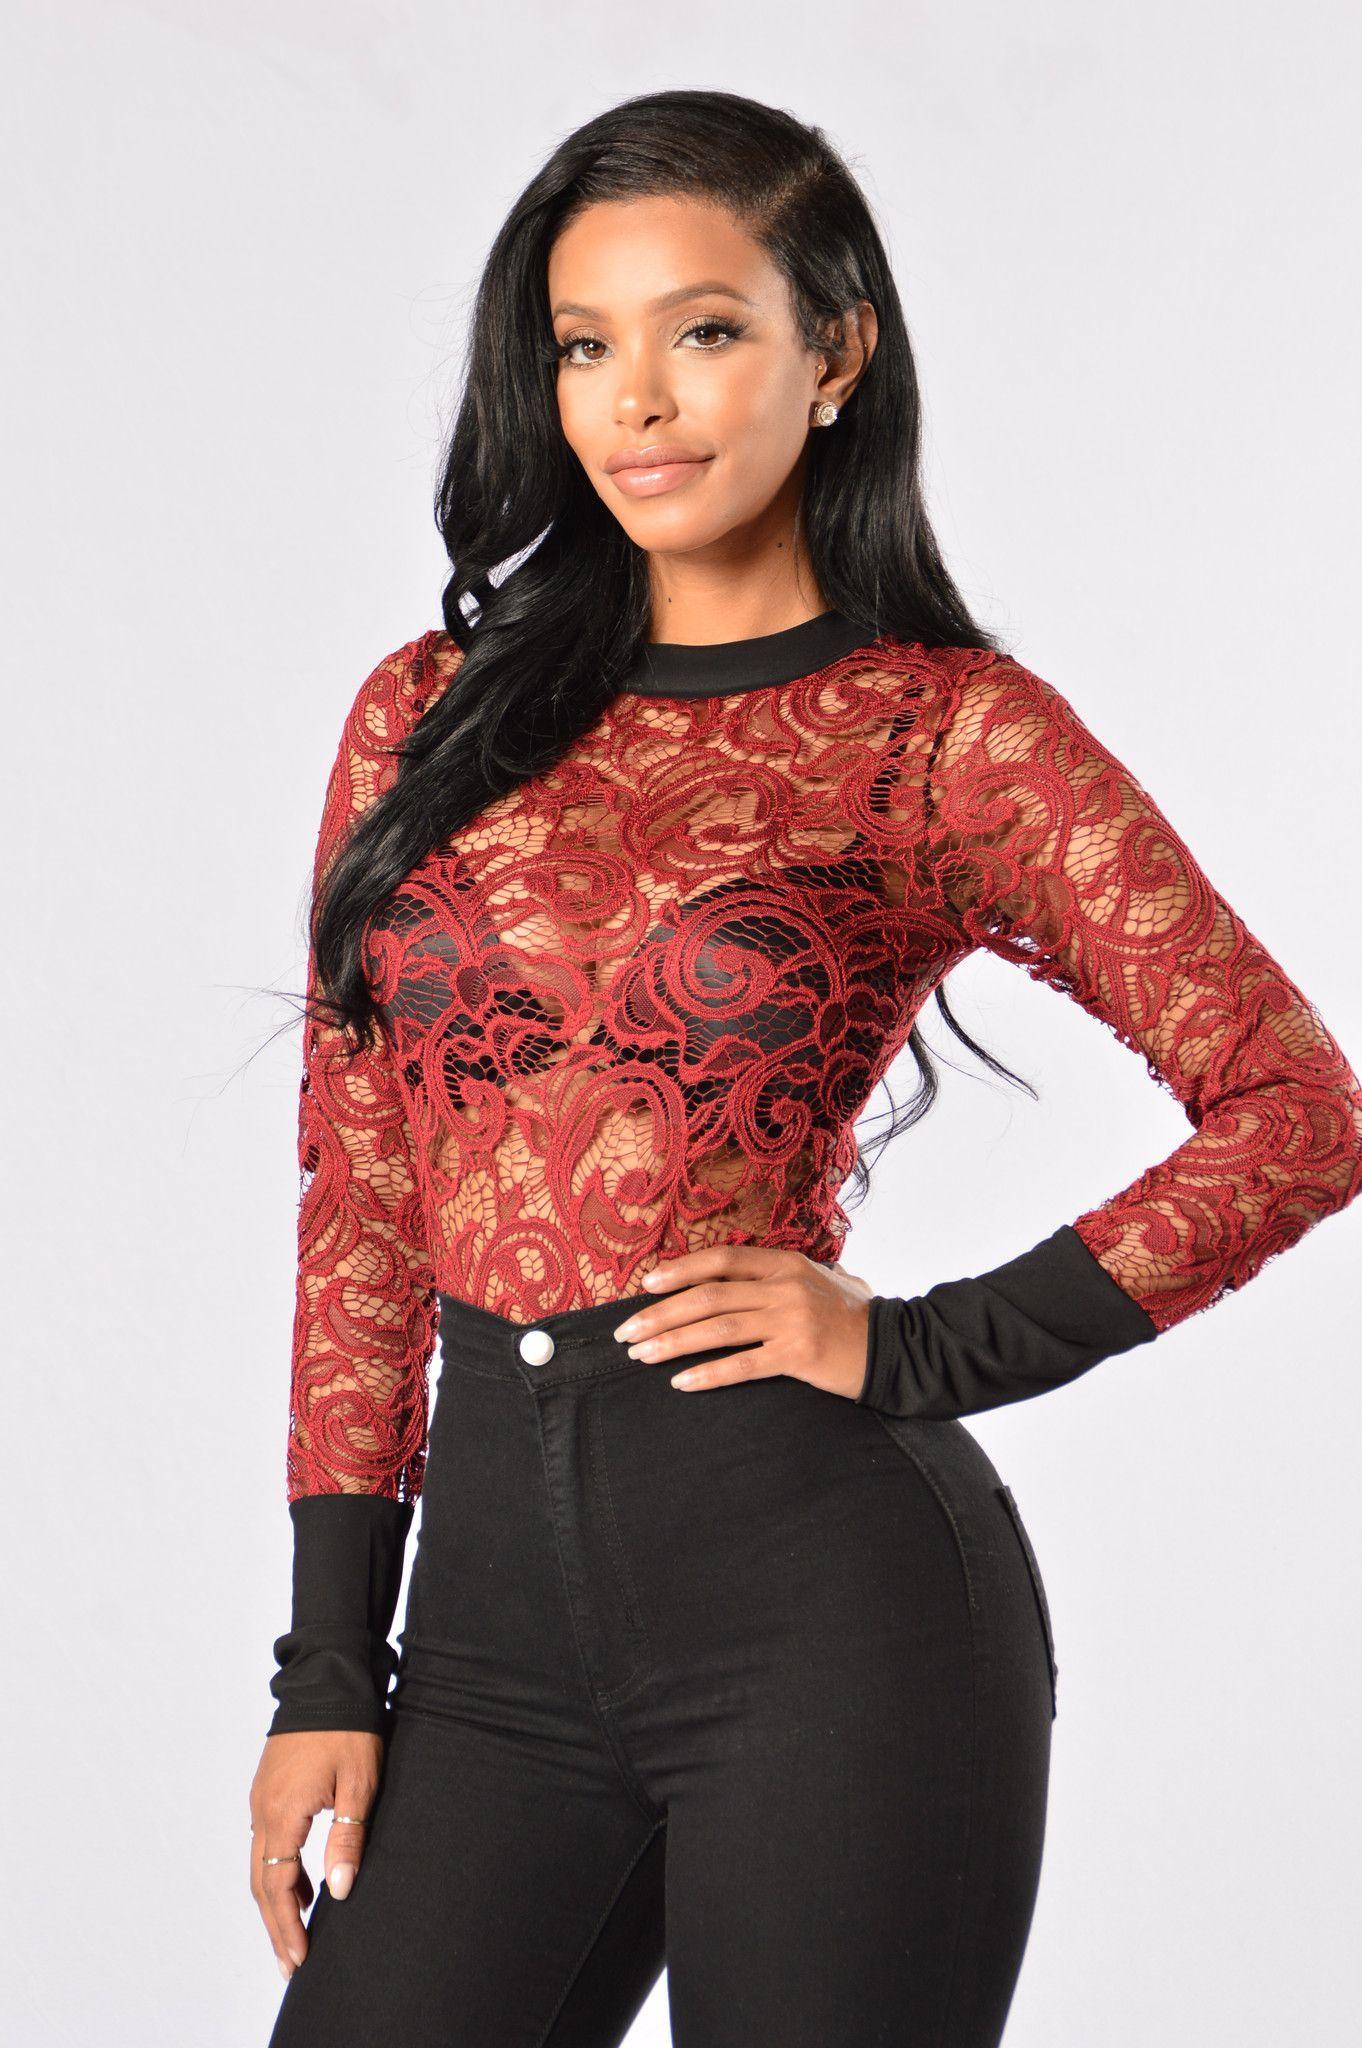 Sure Romance Bodysuit Burgundy Fashion, Lace bodysuit